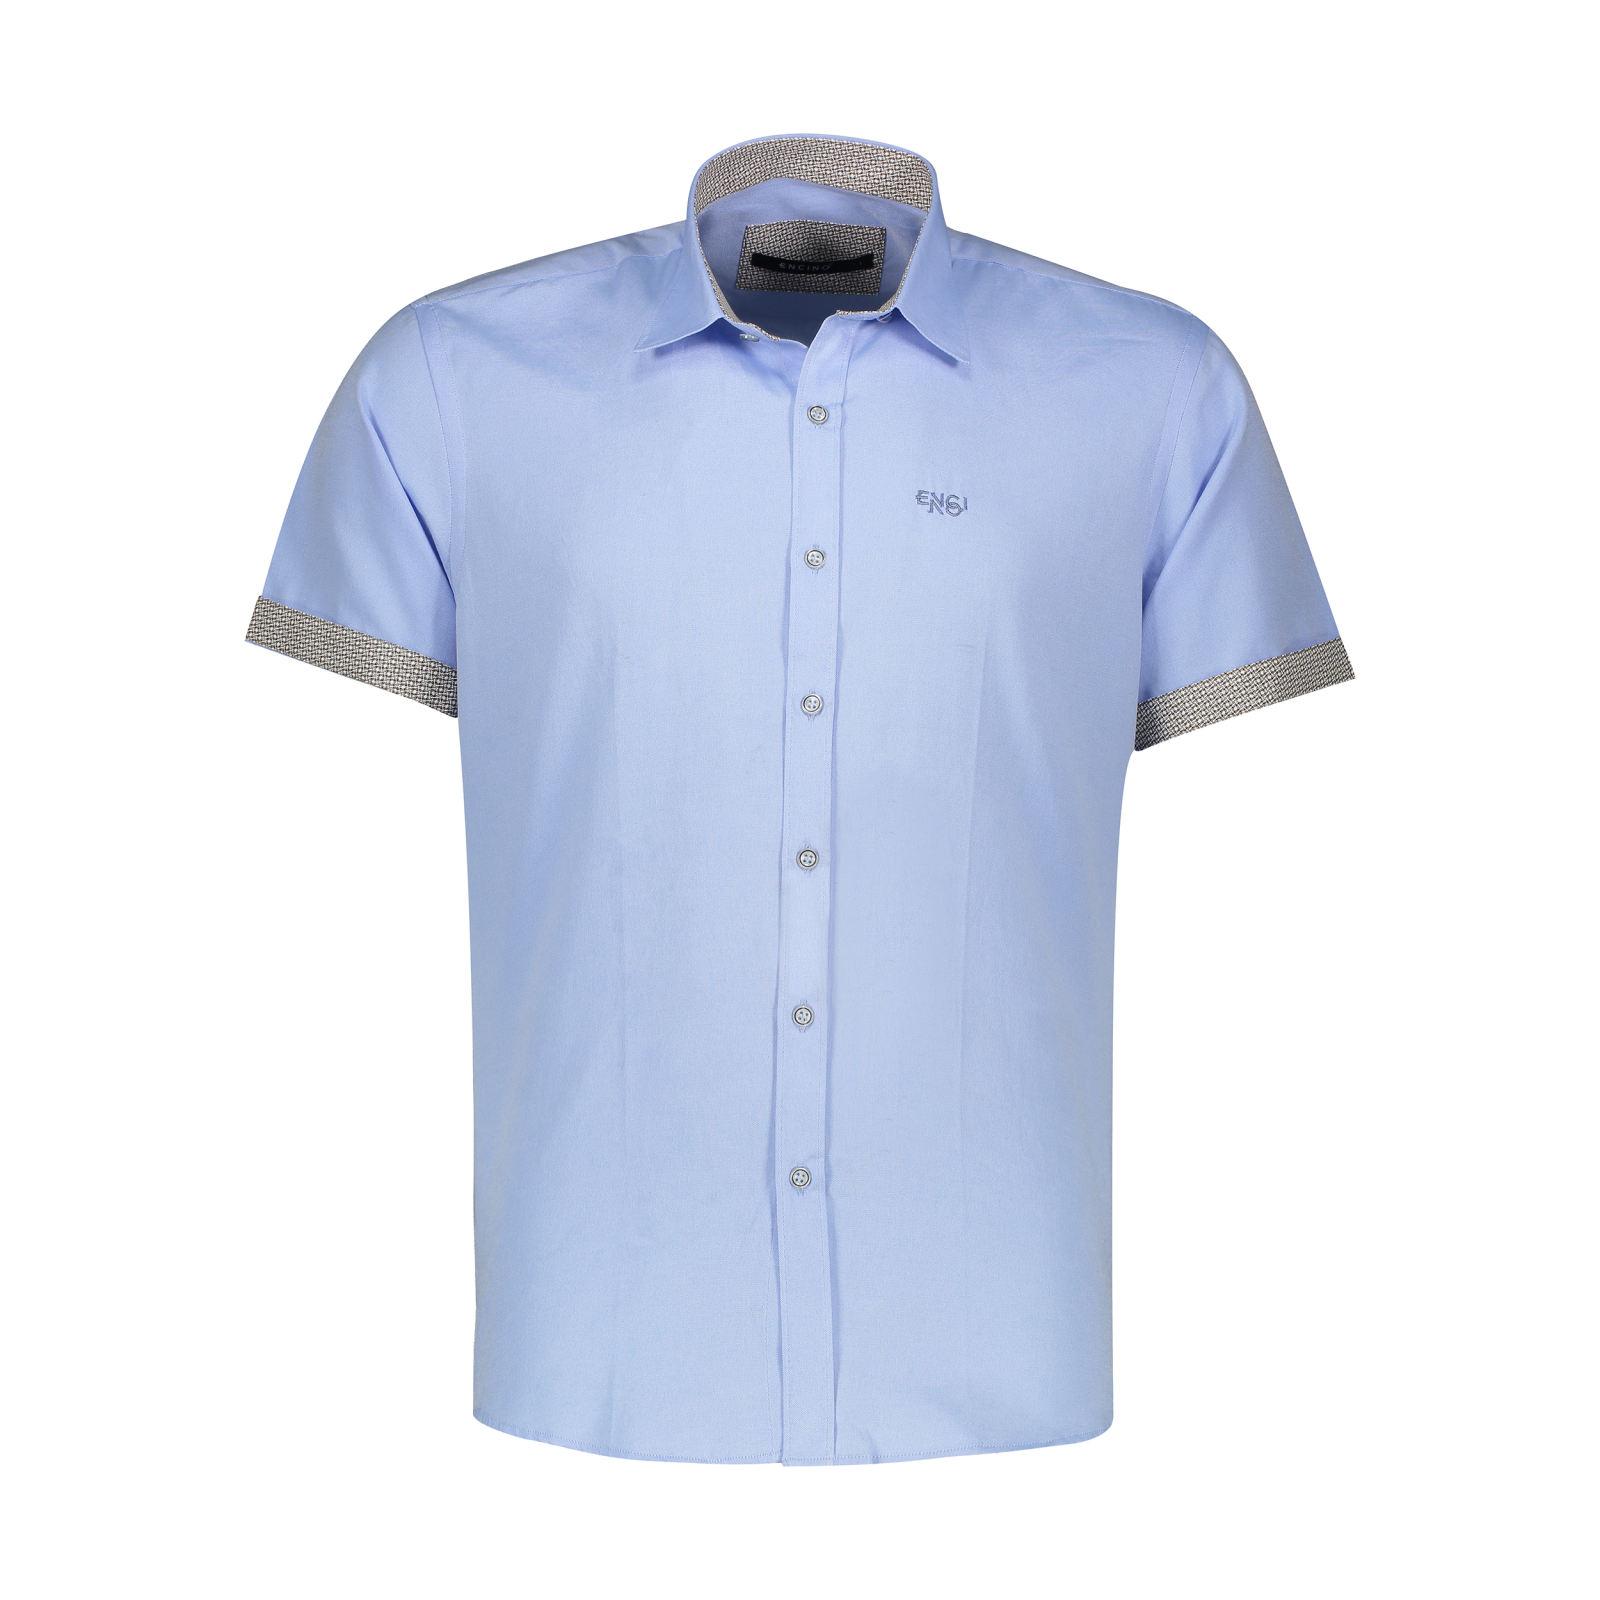 پیراهن آستین کوتاه مردانه ان سی نو مدل جرارد رنگ آبی -  - 1